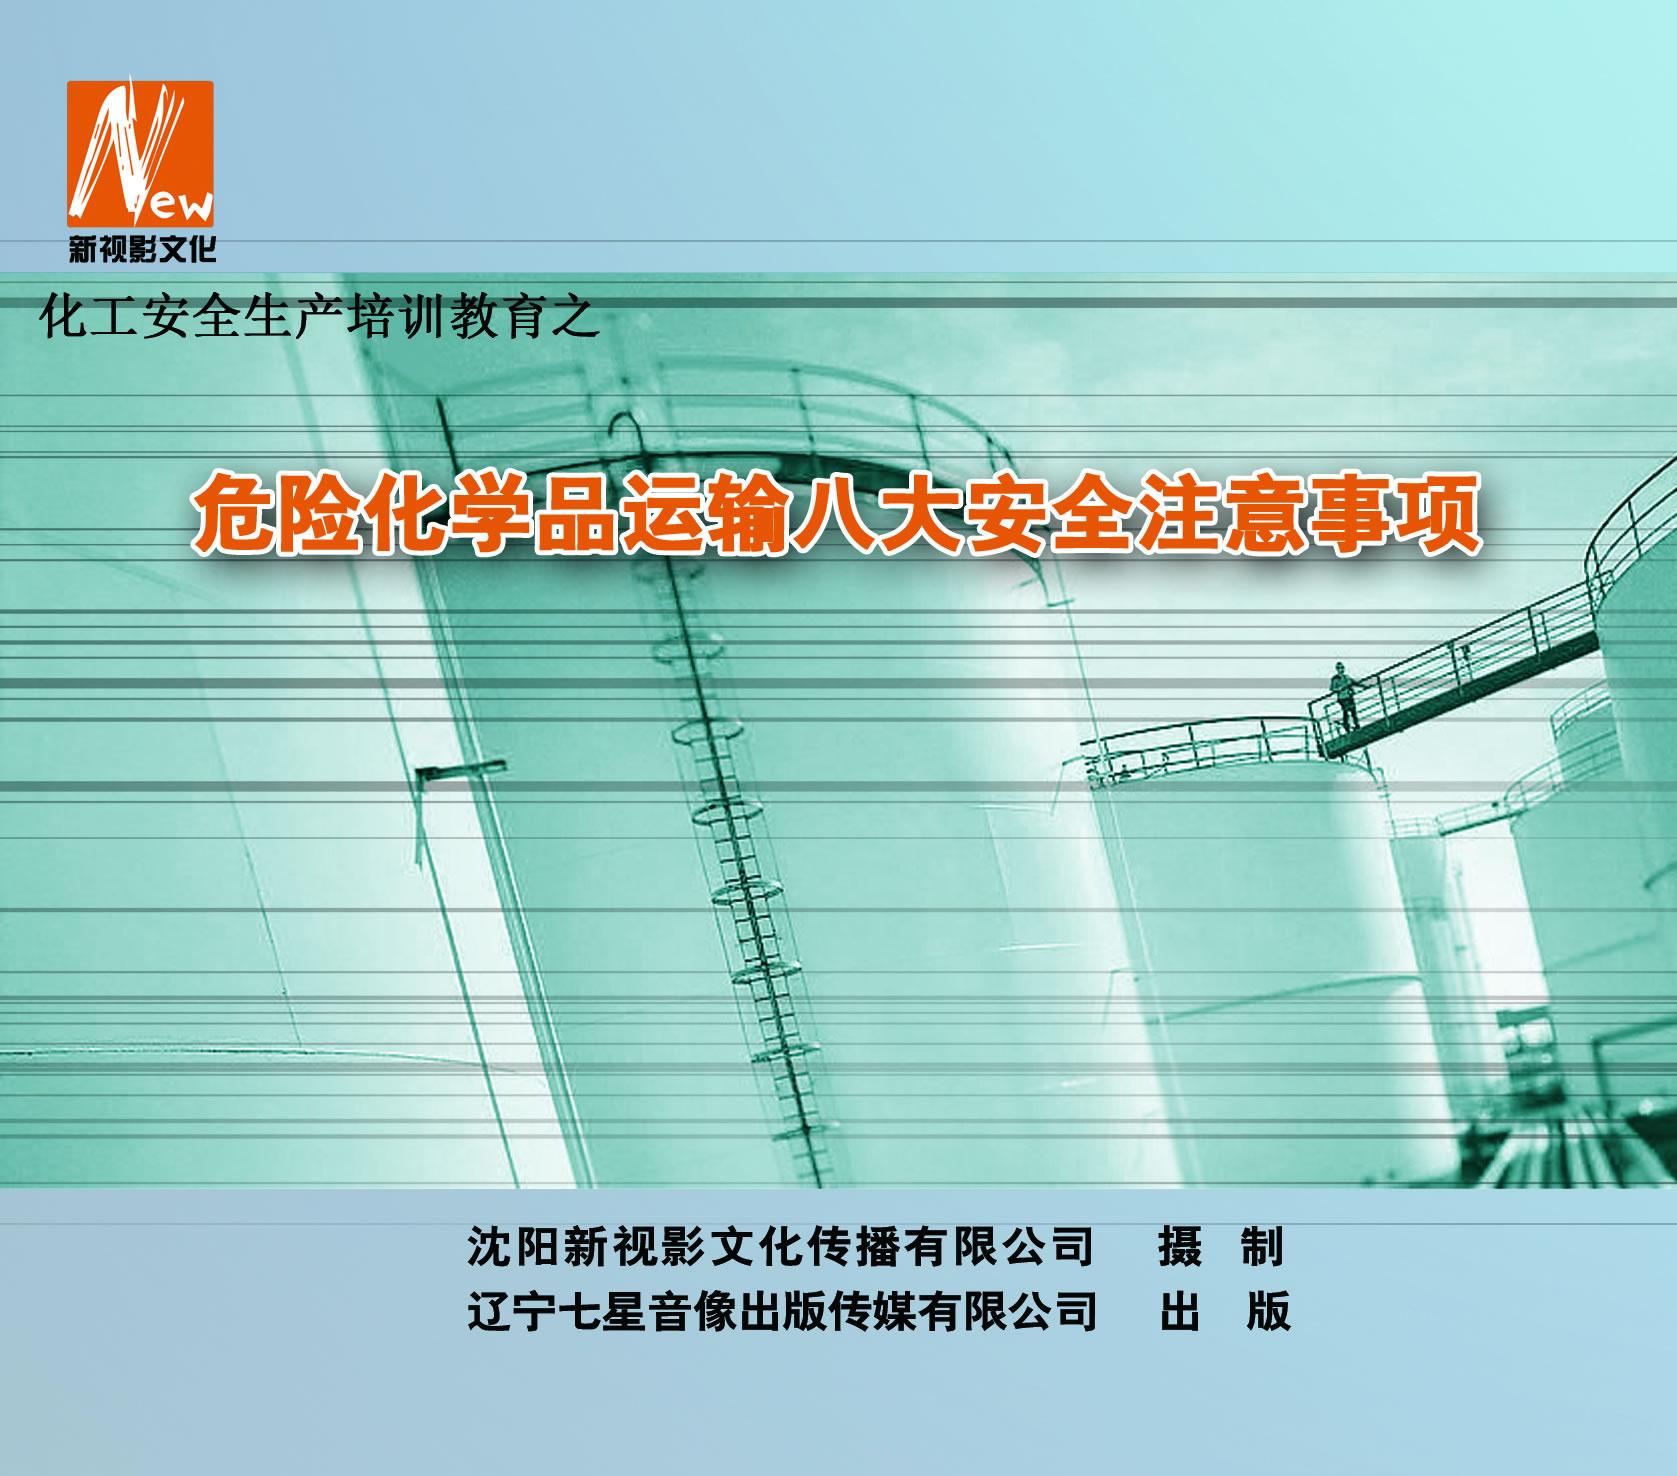 化工腾博会生产培训教育之-危险化学品运输八大腾博会注意事项1DVD